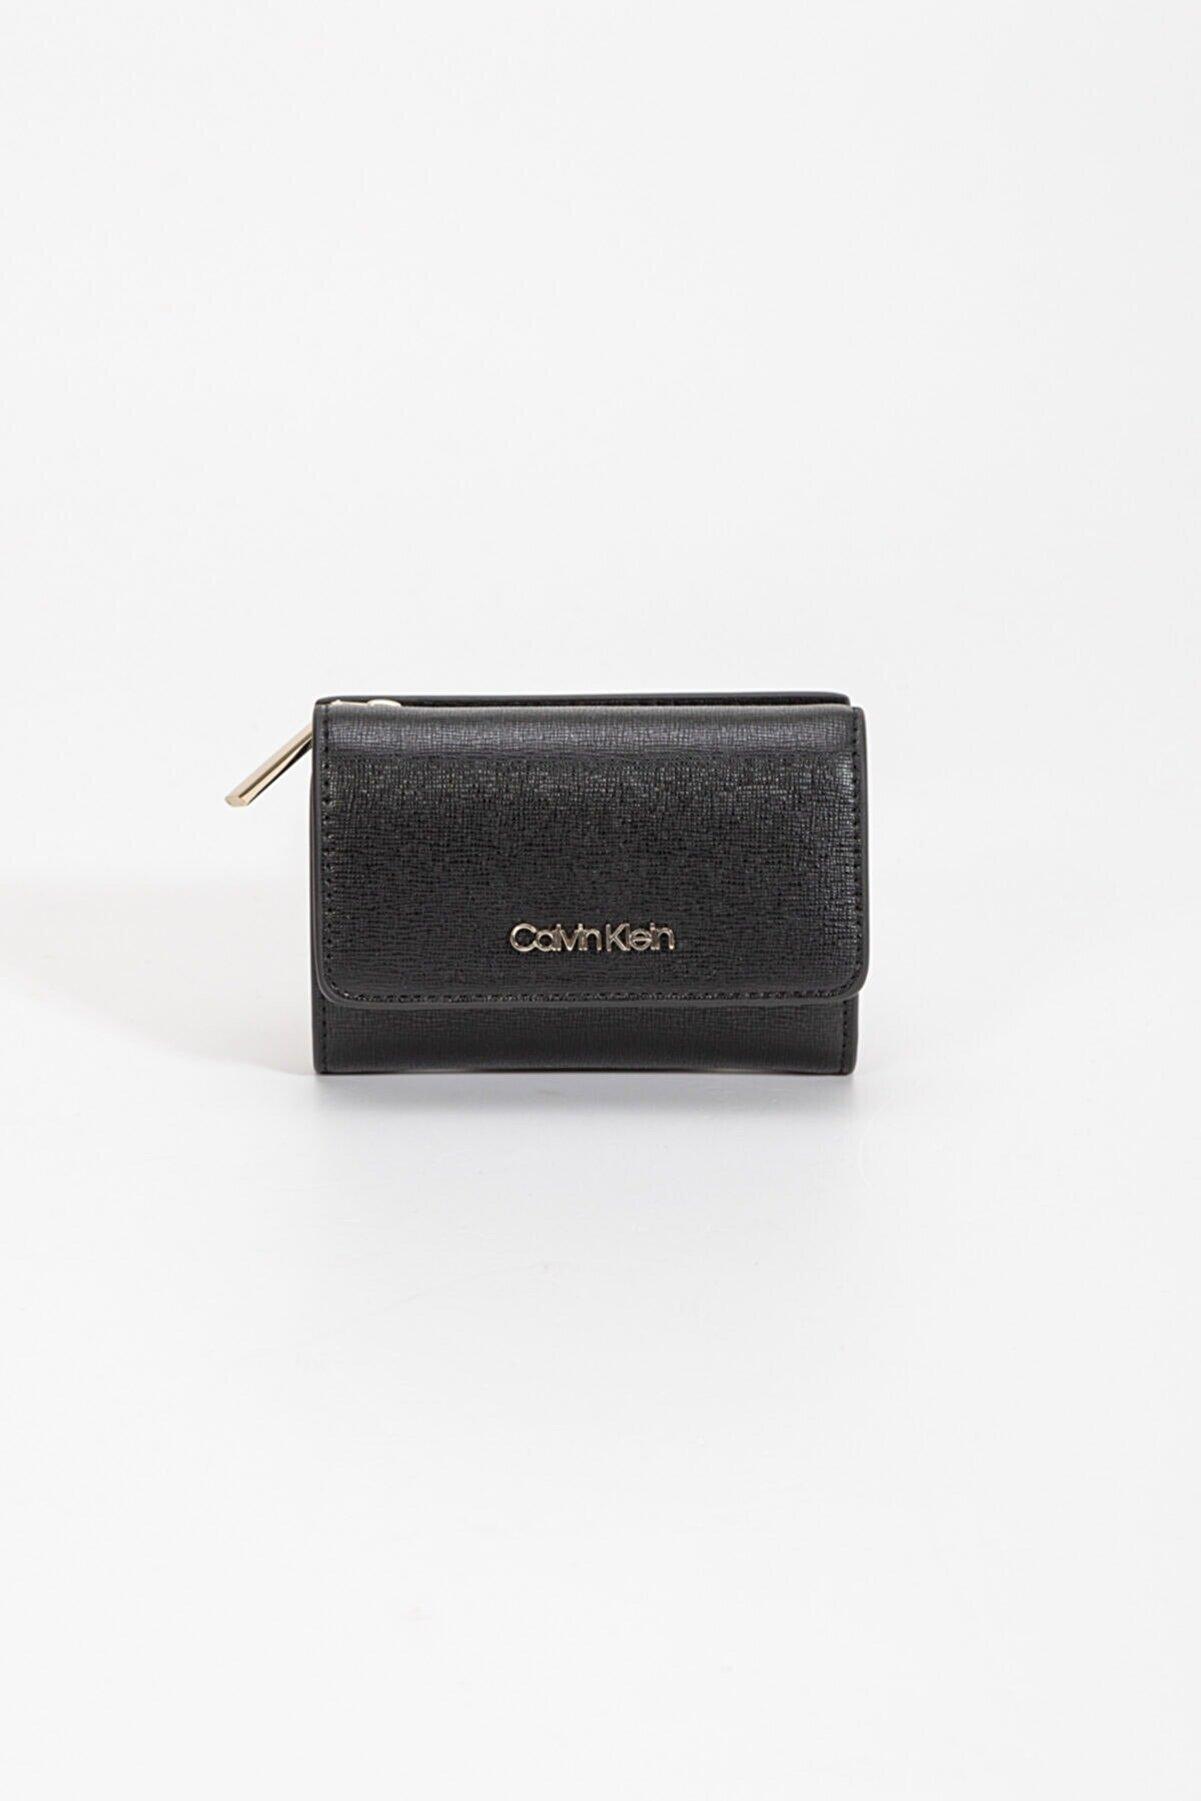 Calvin Klein Kadın Cüzdank60k608338